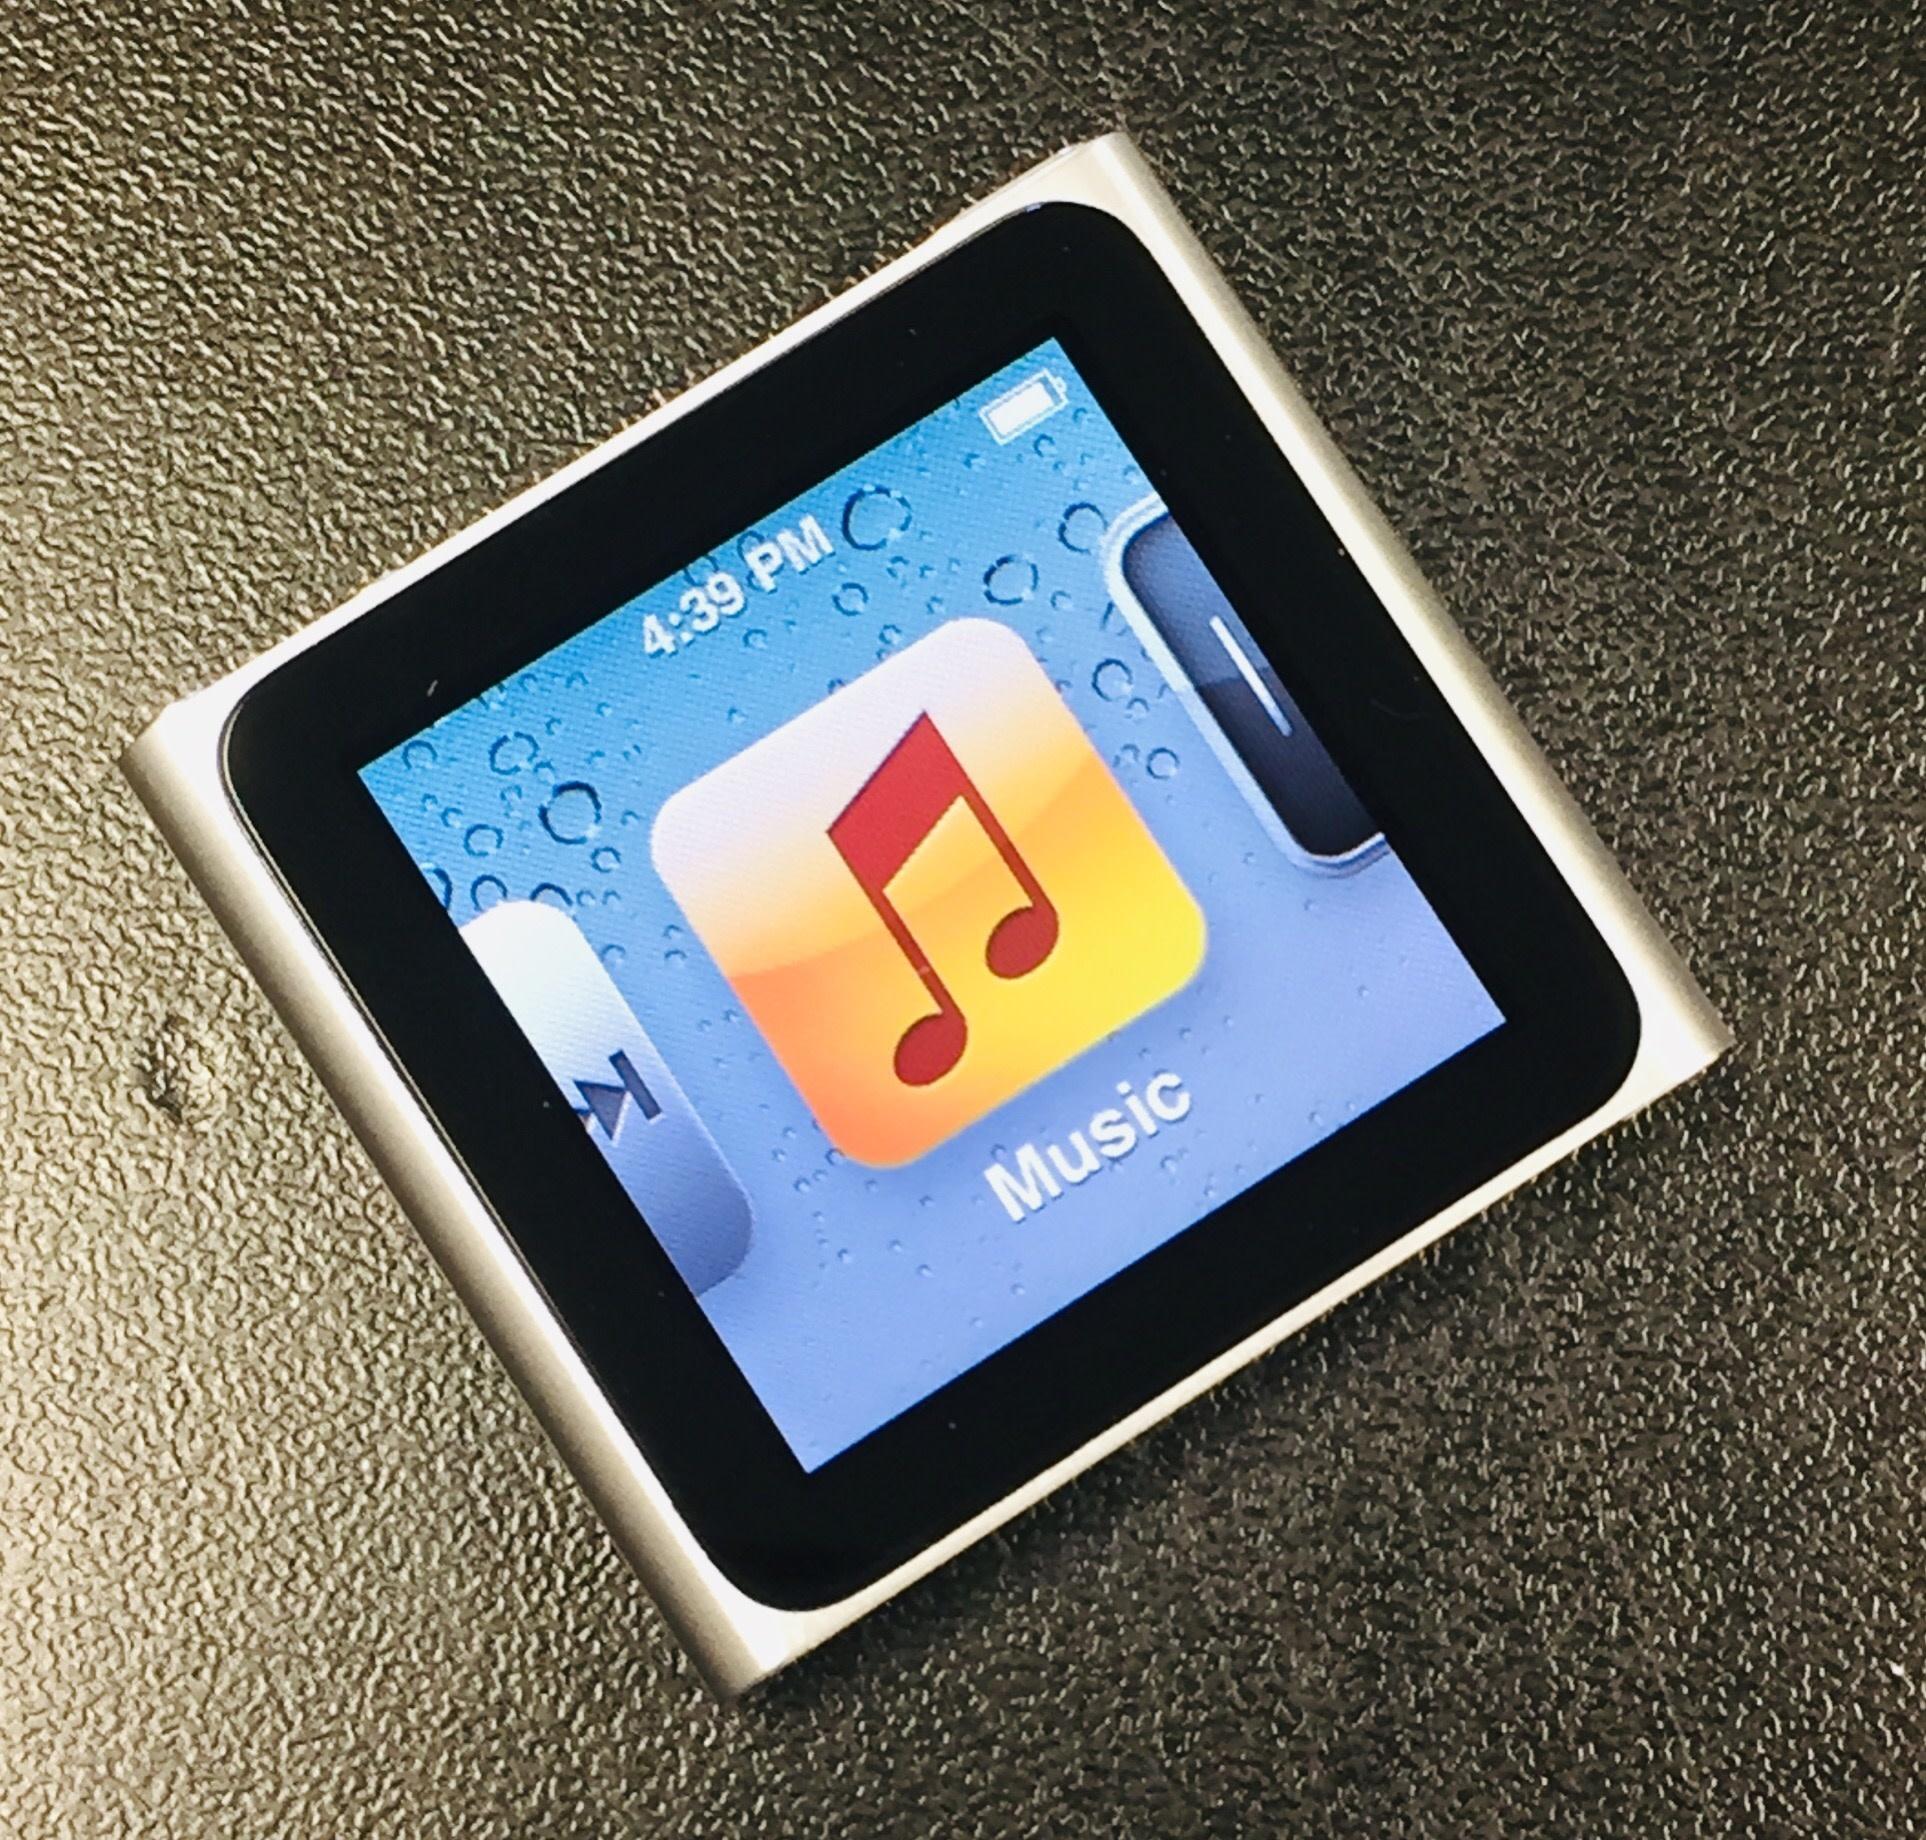 Apple iPod Nano 6th Generation Clip - 8GB - Silver